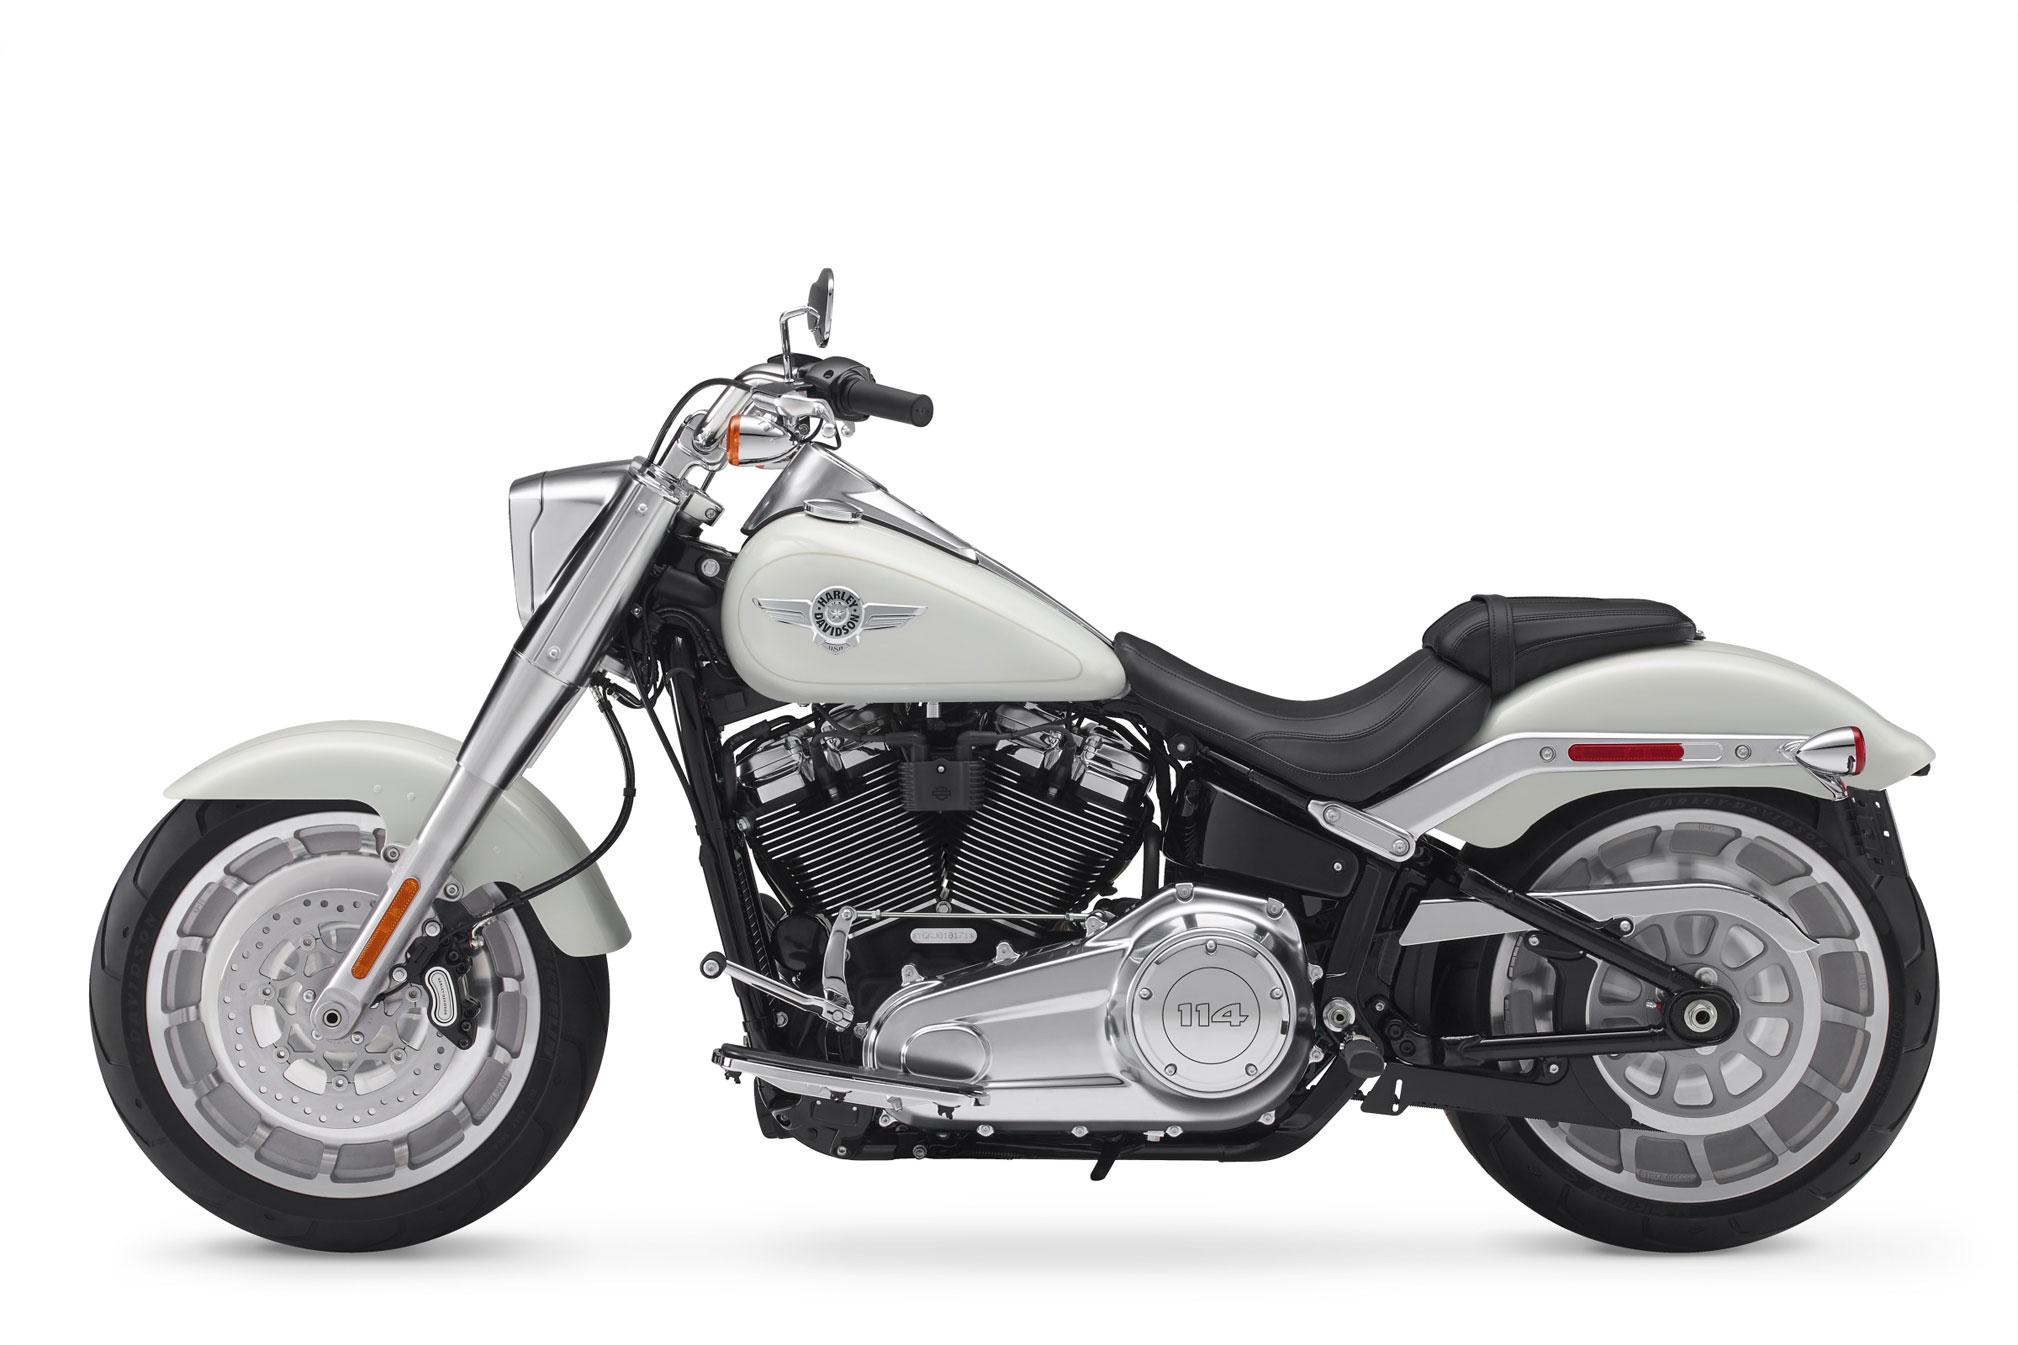 2018 harley davidson fat boy 114 review total motorcycle. Black Bedroom Furniture Sets. Home Design Ideas